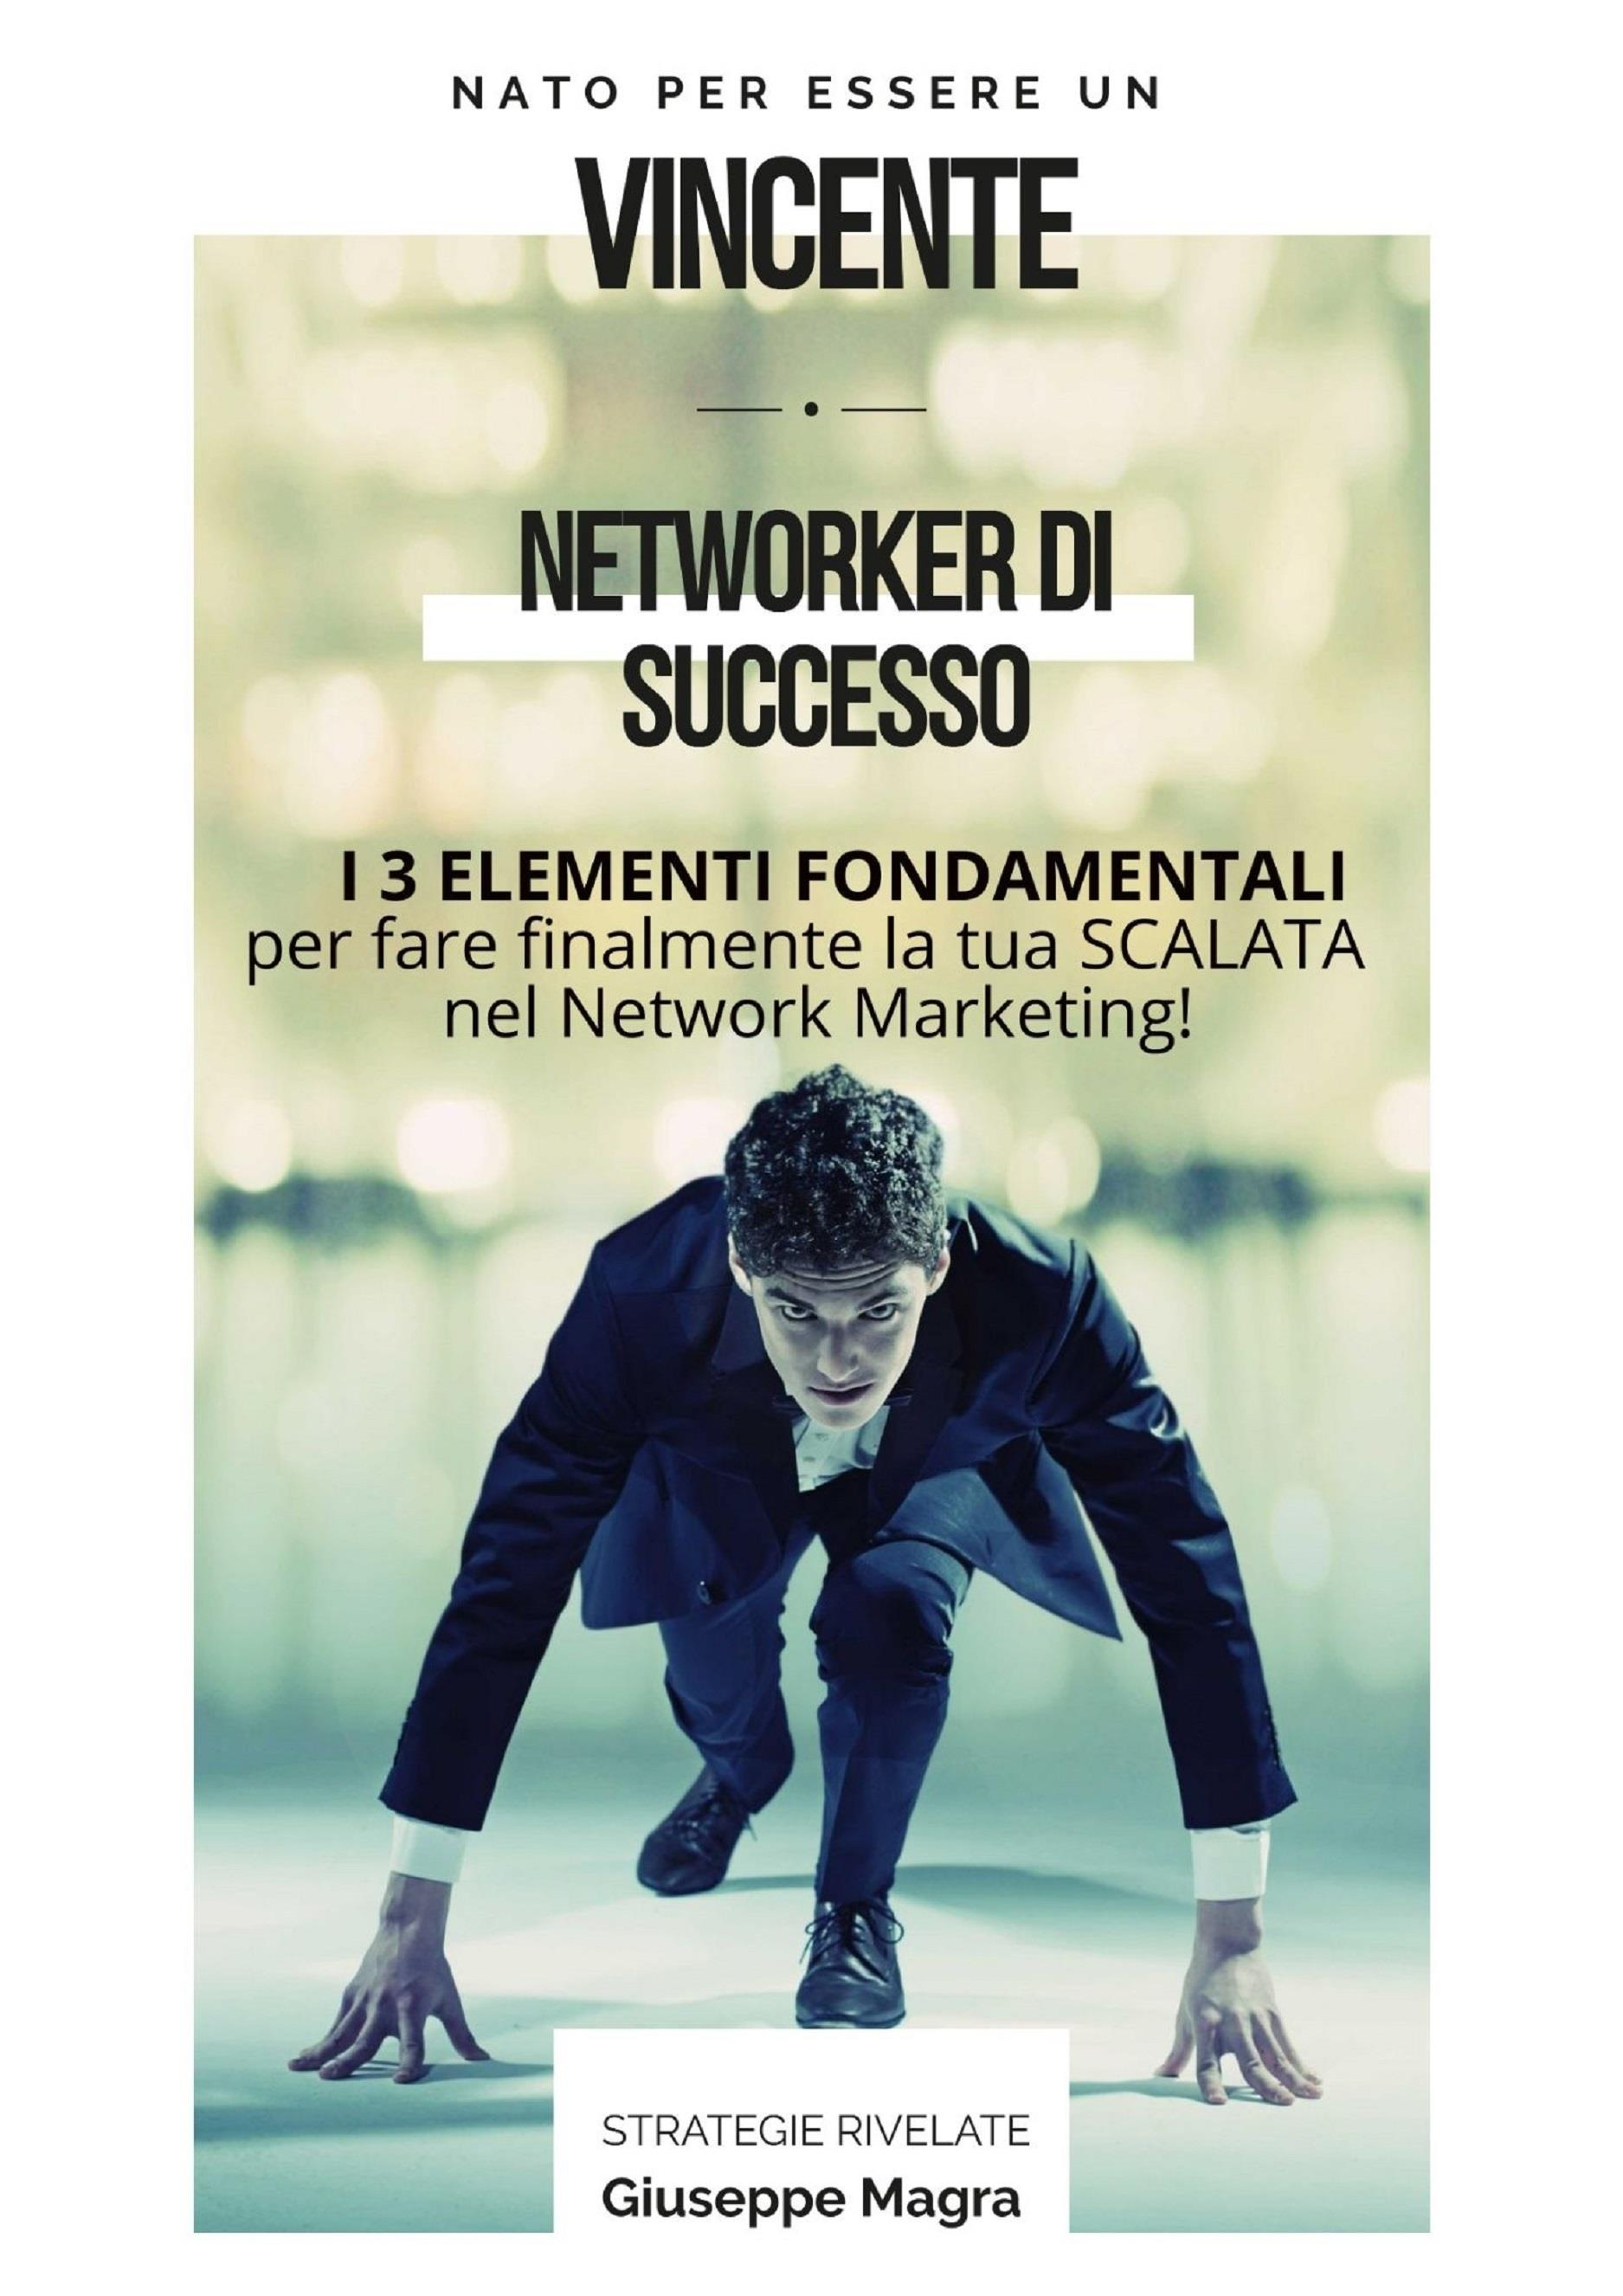 NETWORKER DI SUCCESSO